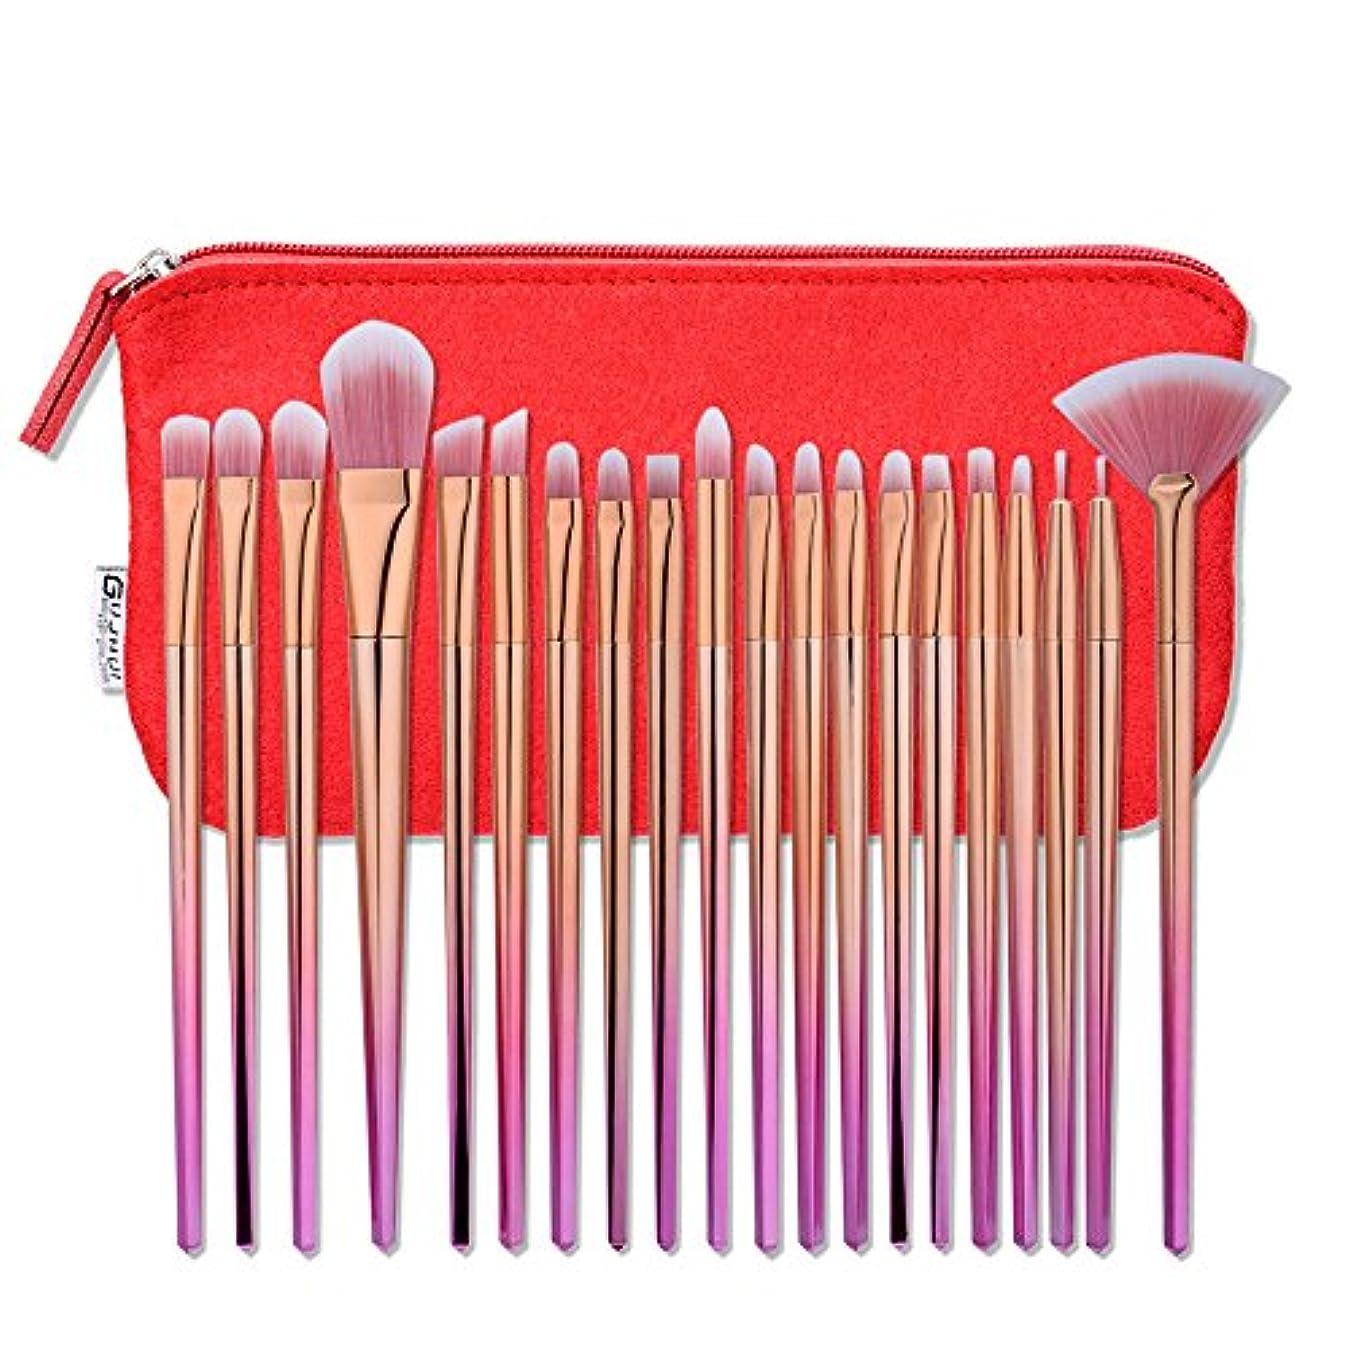 Akane 20本 GUJHUI 超綺麗 魅力的 ピンクゴールド セート 多機能 高級 柔らかい レッドポーチ付き たっぷり 上等 激安 日常 仕事 おしゃれ Makeup Brush メイクアップブラシ 20-024